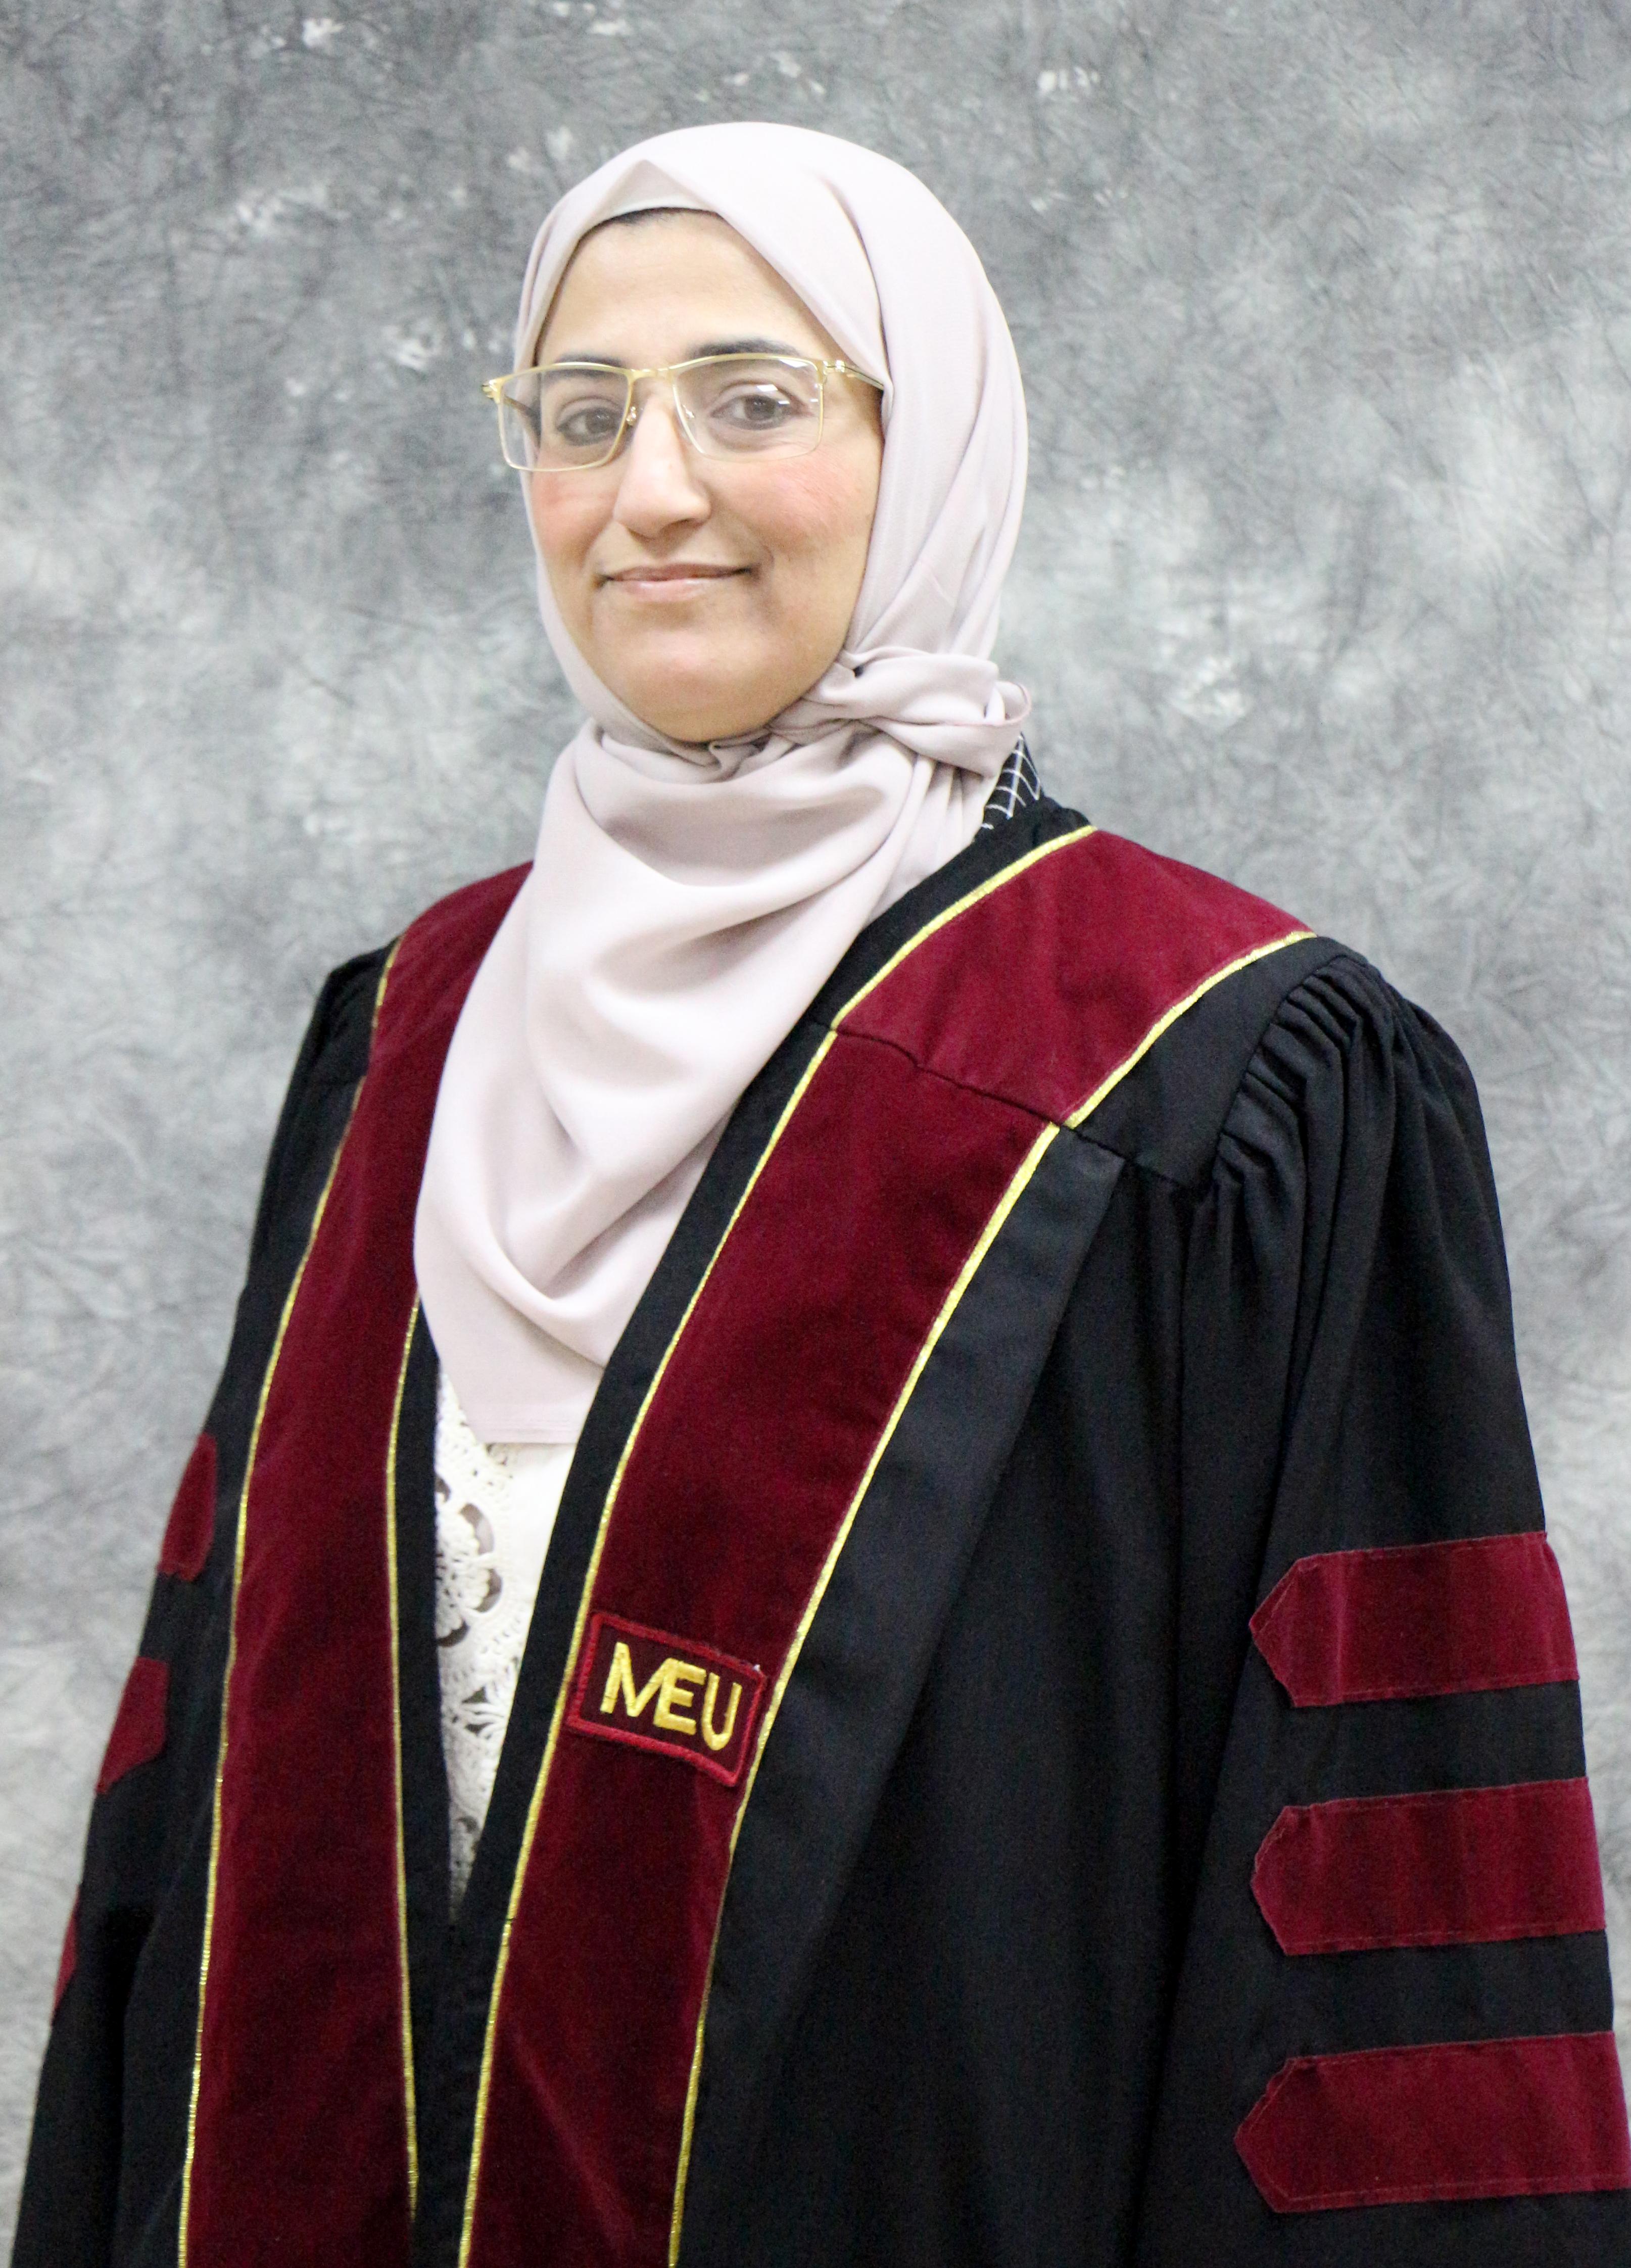 الدكتورة نوزت الجبور من جامعة الشرق الأوسط MEU  تبحث في خصائص الكيتوزان وطريقة التحلل المائي الحمضي